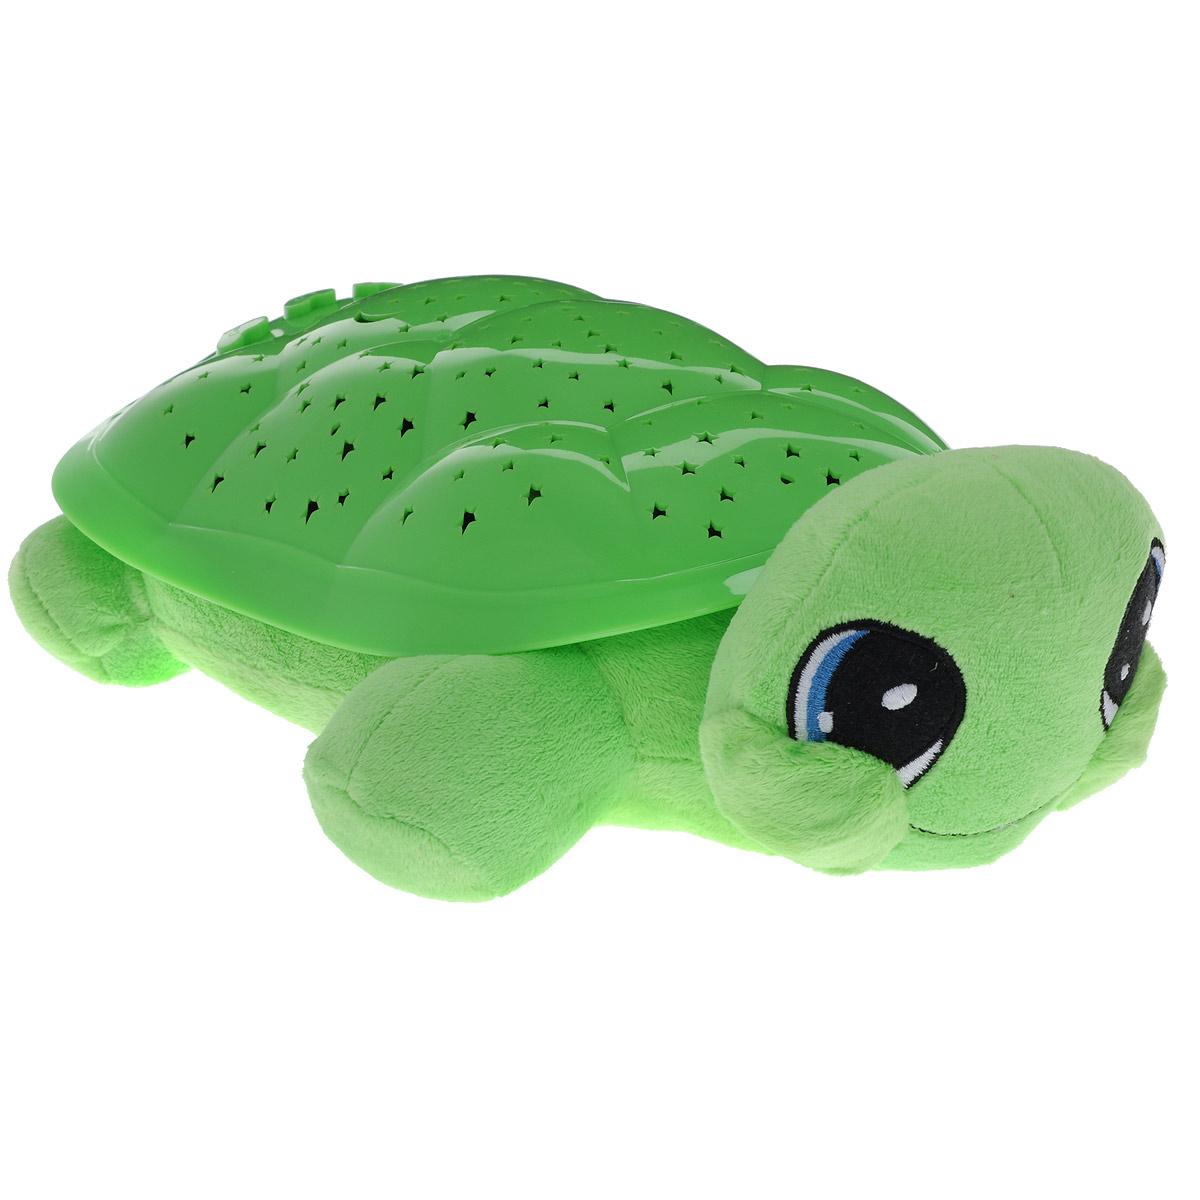 Ночник-проектор Мульти-Пульти Волшебная черепаха, цвет: салатовыйBY8006A-RU (12)_салатовыйНочник-проектор Мульти-Пульти Волшебная черепаха создаст волшебную атмосферу для сна ребенка.Это удивительный светильник, выполненный в форме мягкой игрушки-черепашки. Дизайн игрушки наверняка сразу понравится вашему малышу и завоюет его безграничную любовь.Глазки и ротик черепашки вышиты нитками. Благодаря своему волшебному панцирю черепашка имеет возможность проецировать на потолок и стену звездное небо. Ночник может работать в четырех цветовых режимах: с подсветкой красного, синего, зеленого и оранжевого цветов. Режима мигания света также четыре. Для убаюкивания малыша черепашка проигрывает фрагменты следующих колыбельных: Спят усталые игрушки, Спи, моя радость, усни и Колыбельная медведицы.Для переключения режимов выбора цвета, мигания света и мелодий на панцире черепахи расположены специальные кнопки. В комплект входит инструкция по эксплуатации на русском языке.Необходимо докупить 3 батарейки напряжением 1,5V типа ААА (не входят в комплект).